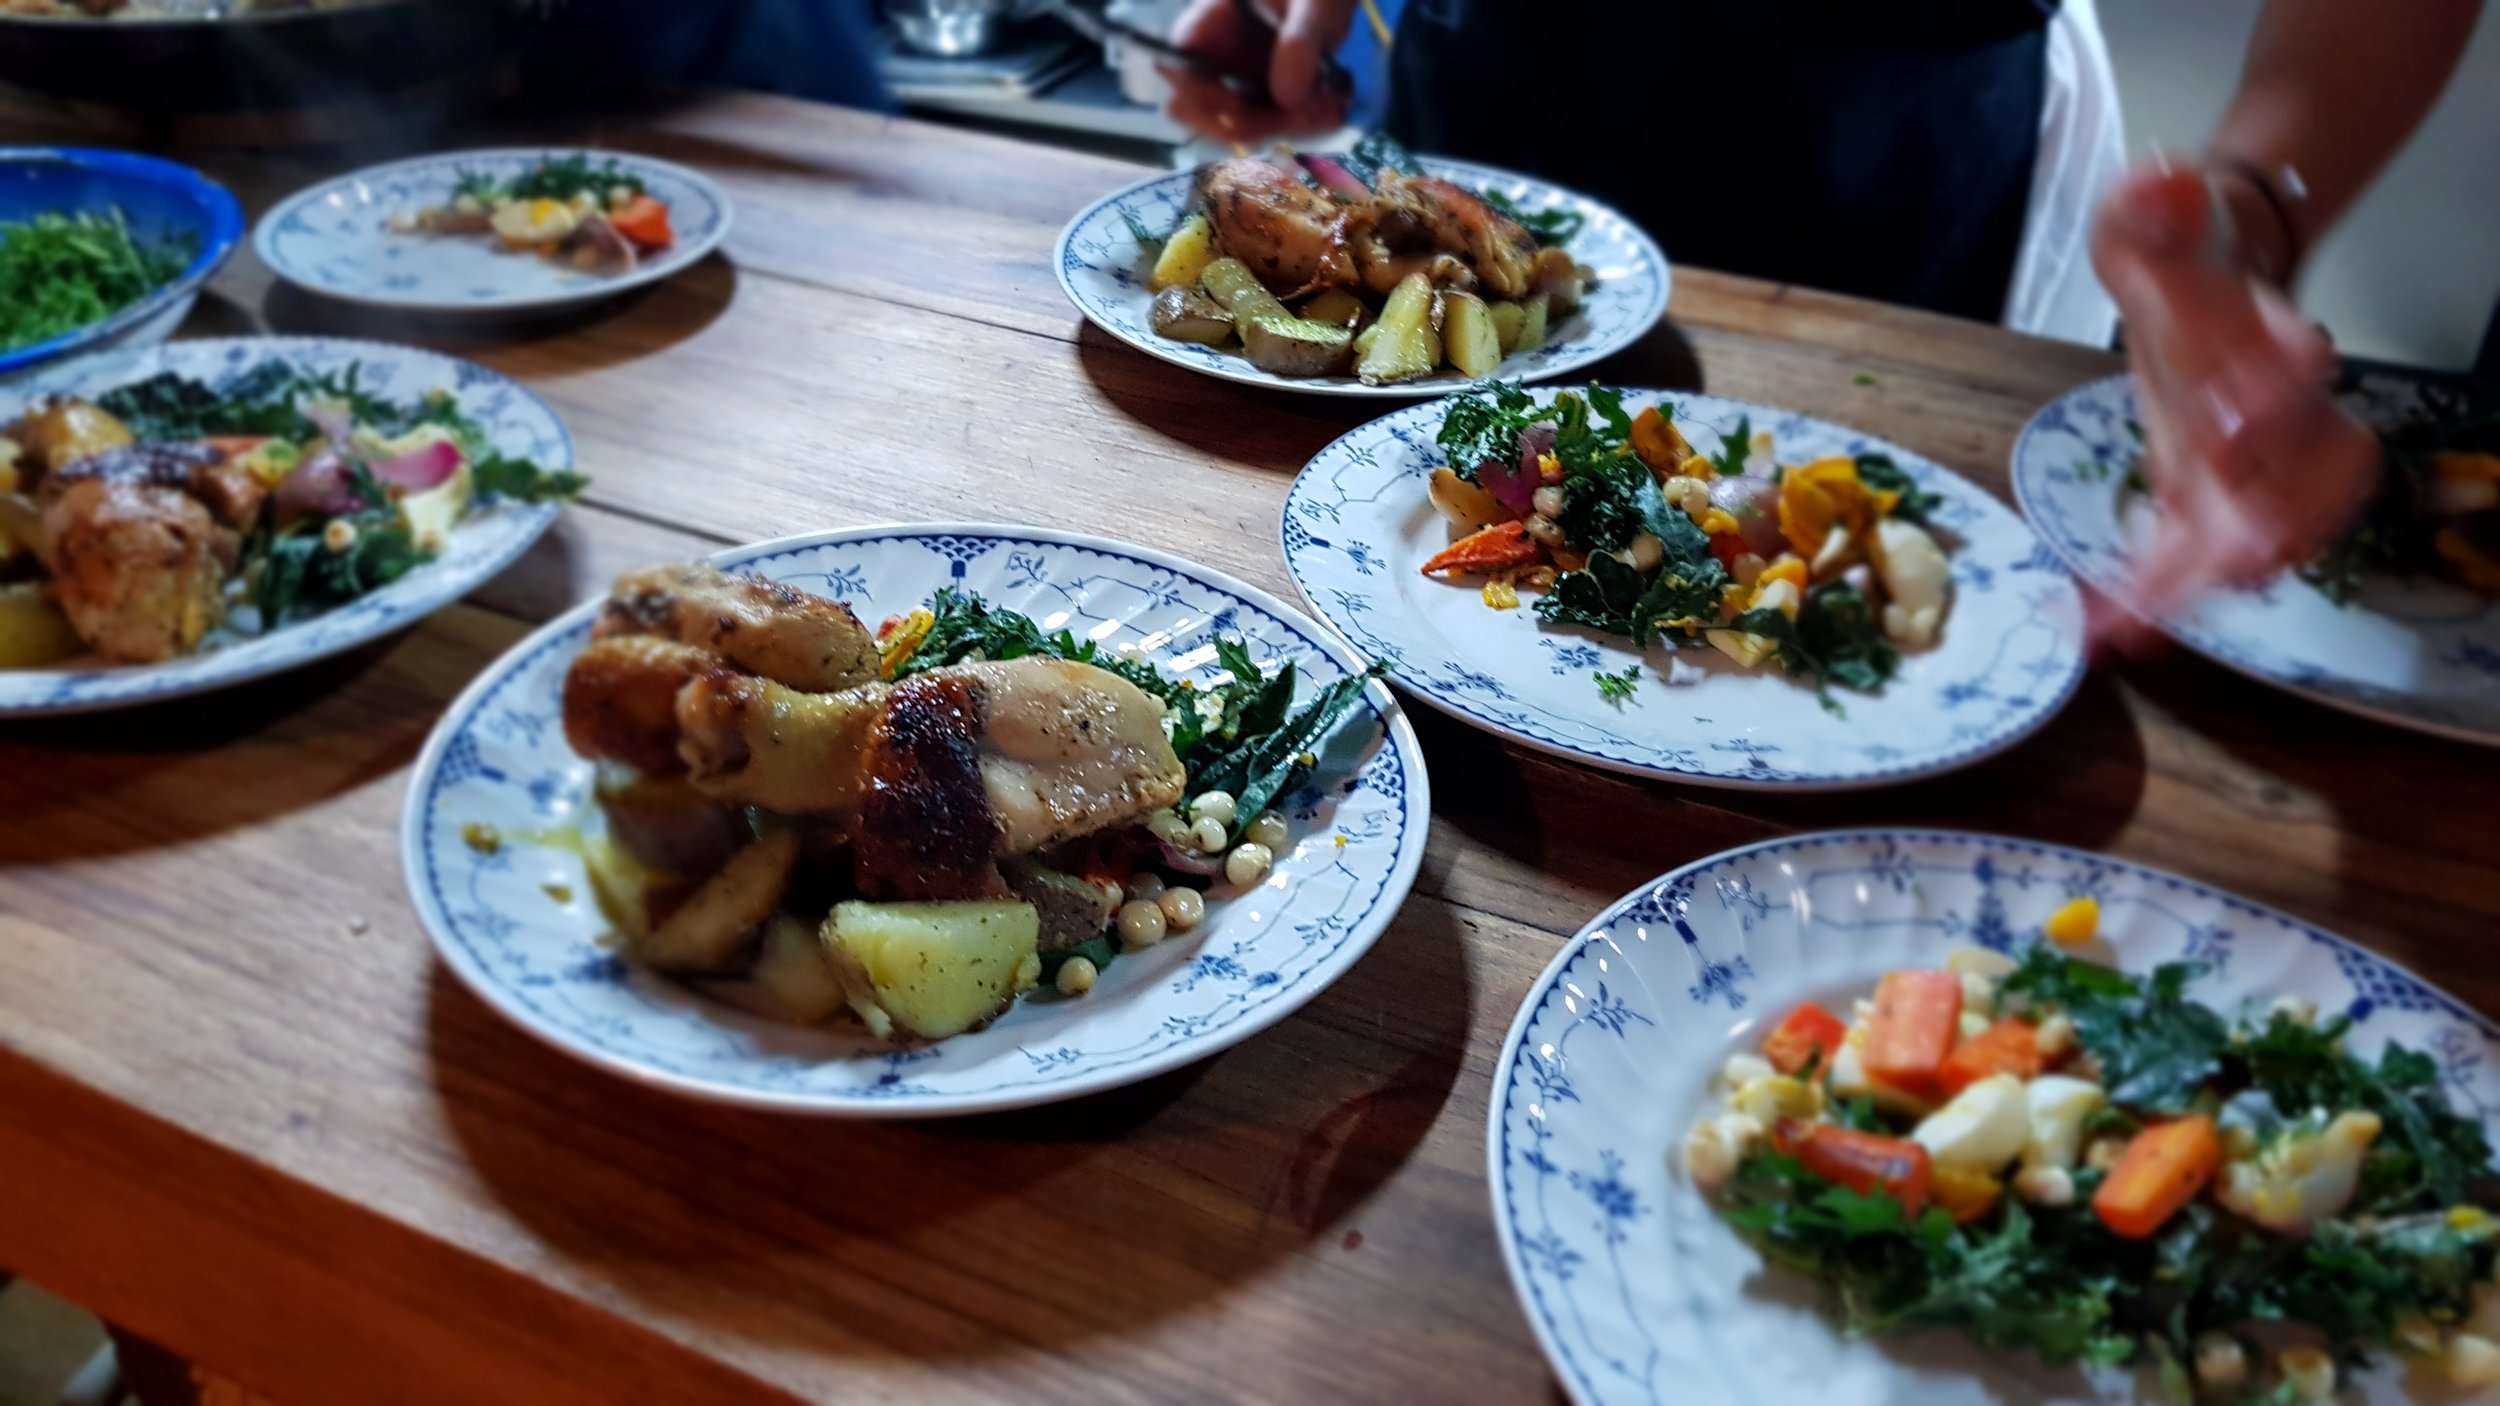 Saturdei Roust - Tejo, ping pong, cerveza artesanal y un menú con ingredientes nuestros que está imperdible!!.